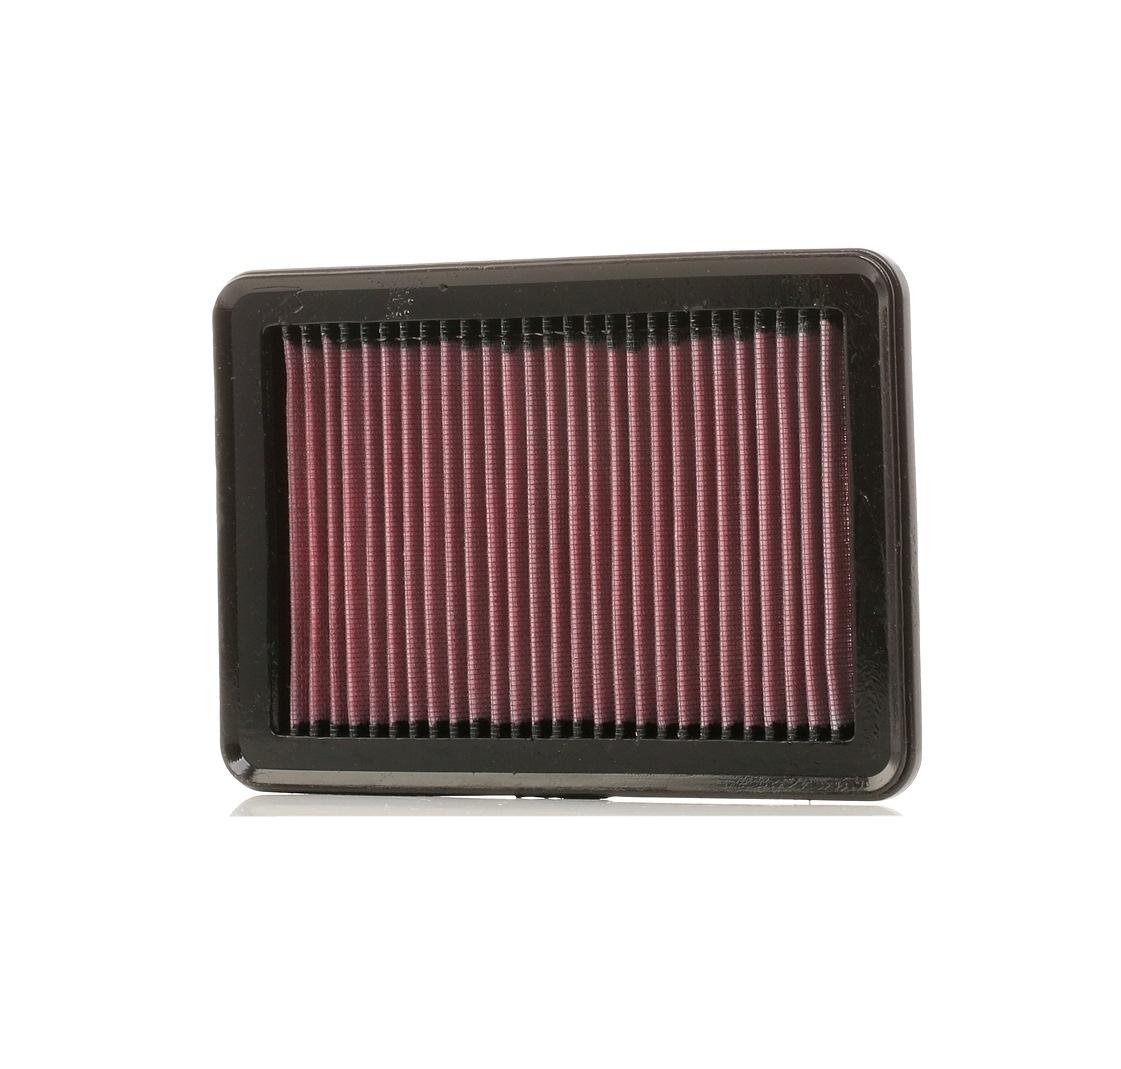 Vzduchový filter 33-5050 kúpiť - 24/7